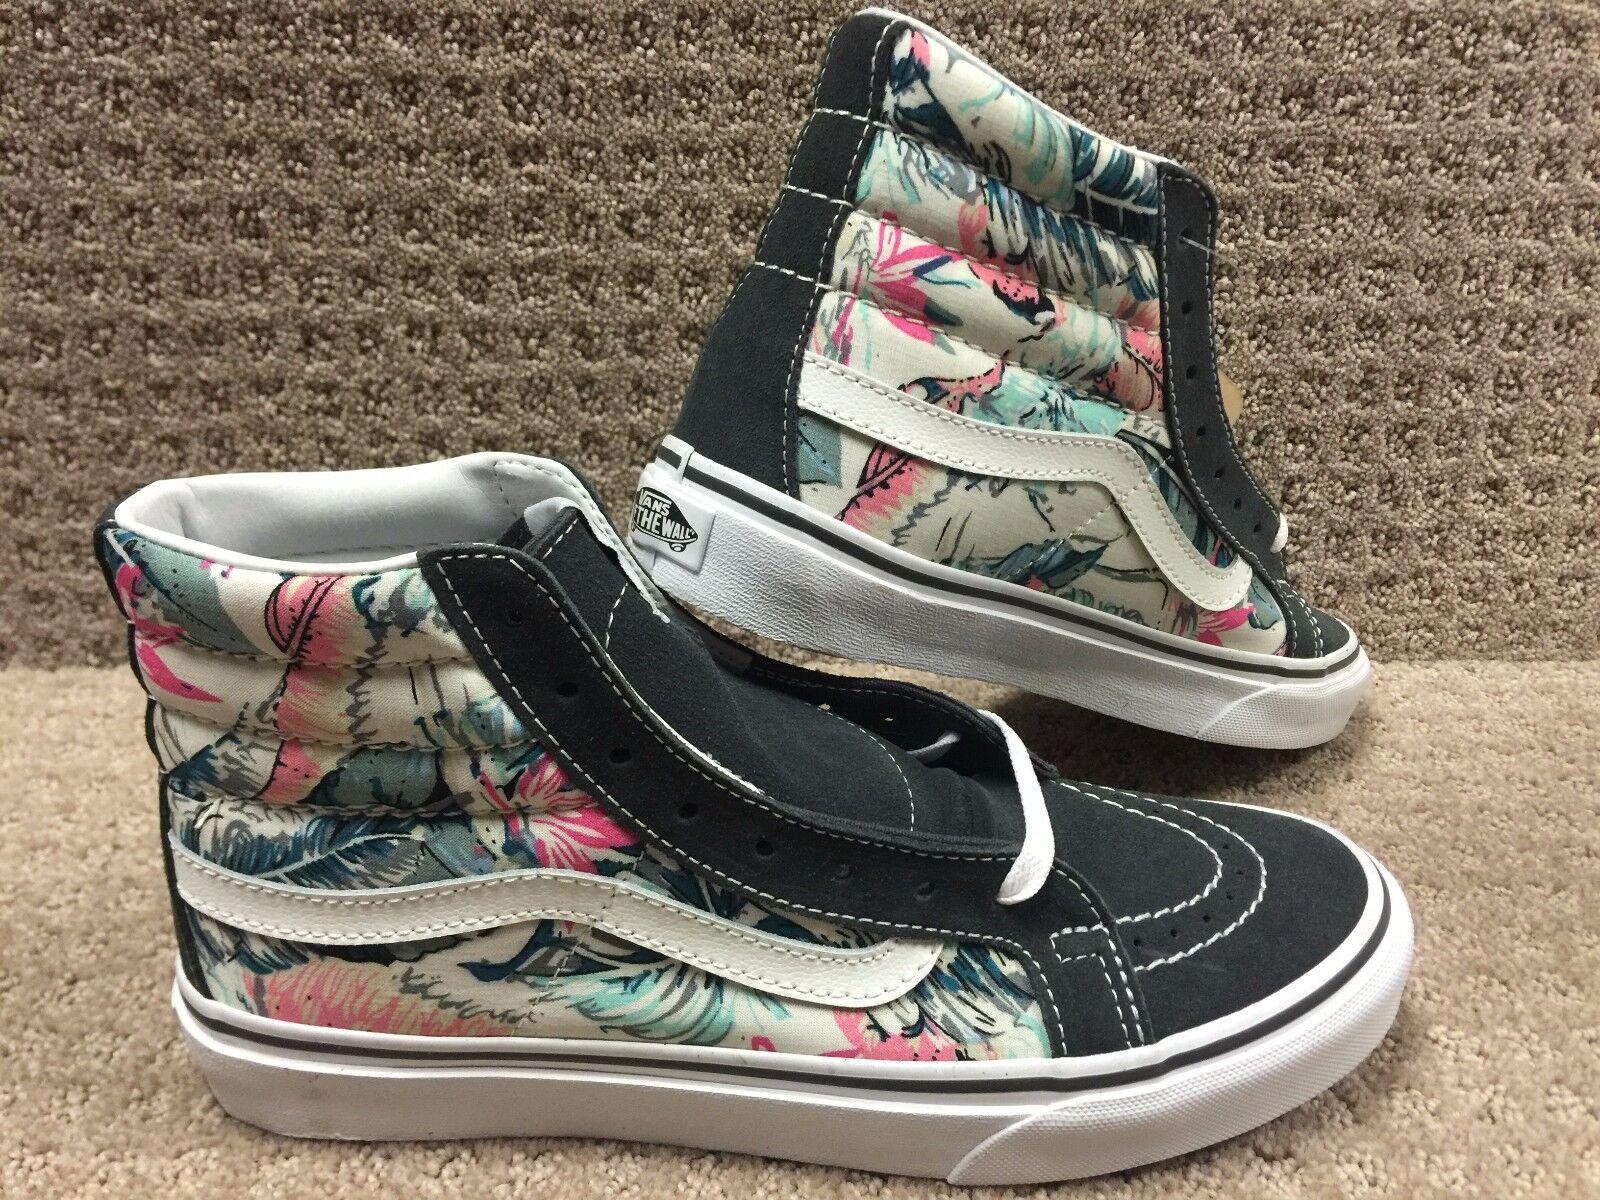 Vans Herren (Tropisch) Weiß Multi Schmal Sk8 Hi Schuhe